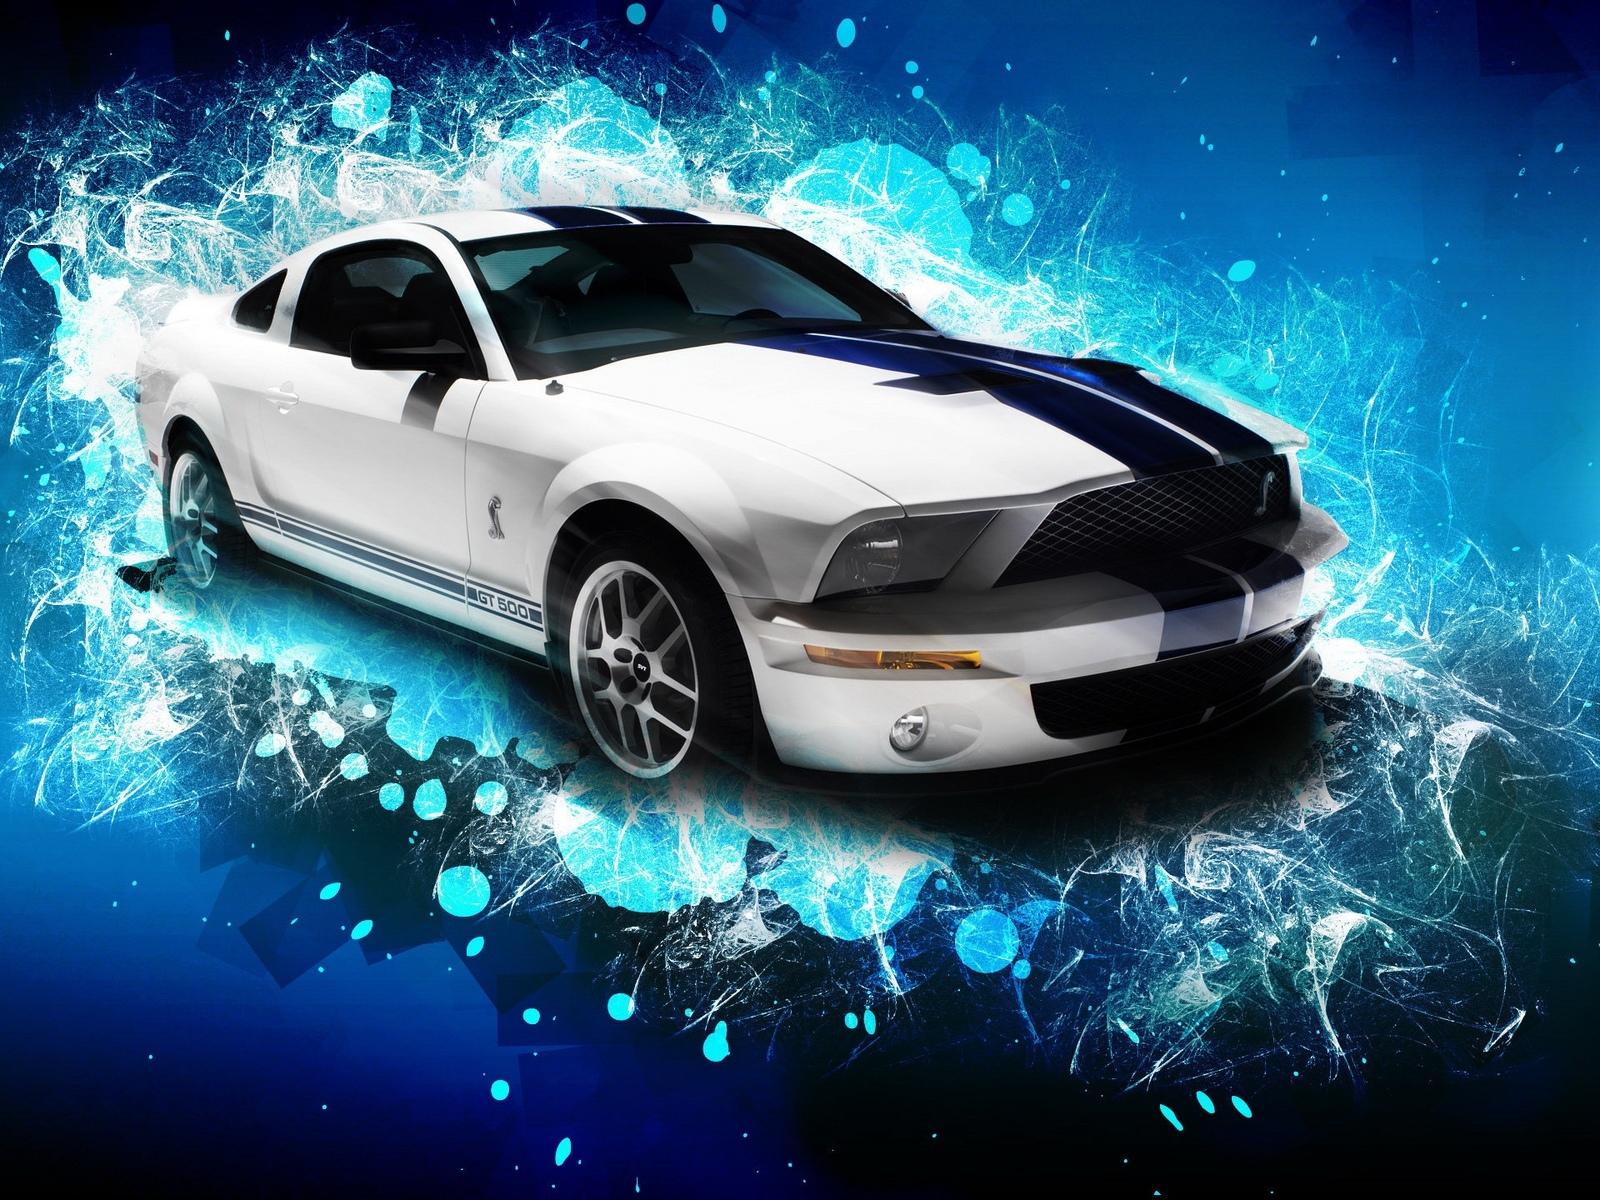 17881 скачать обои Транспорт, Машины, Мустанг (Mustang) - заставки и картинки бесплатно